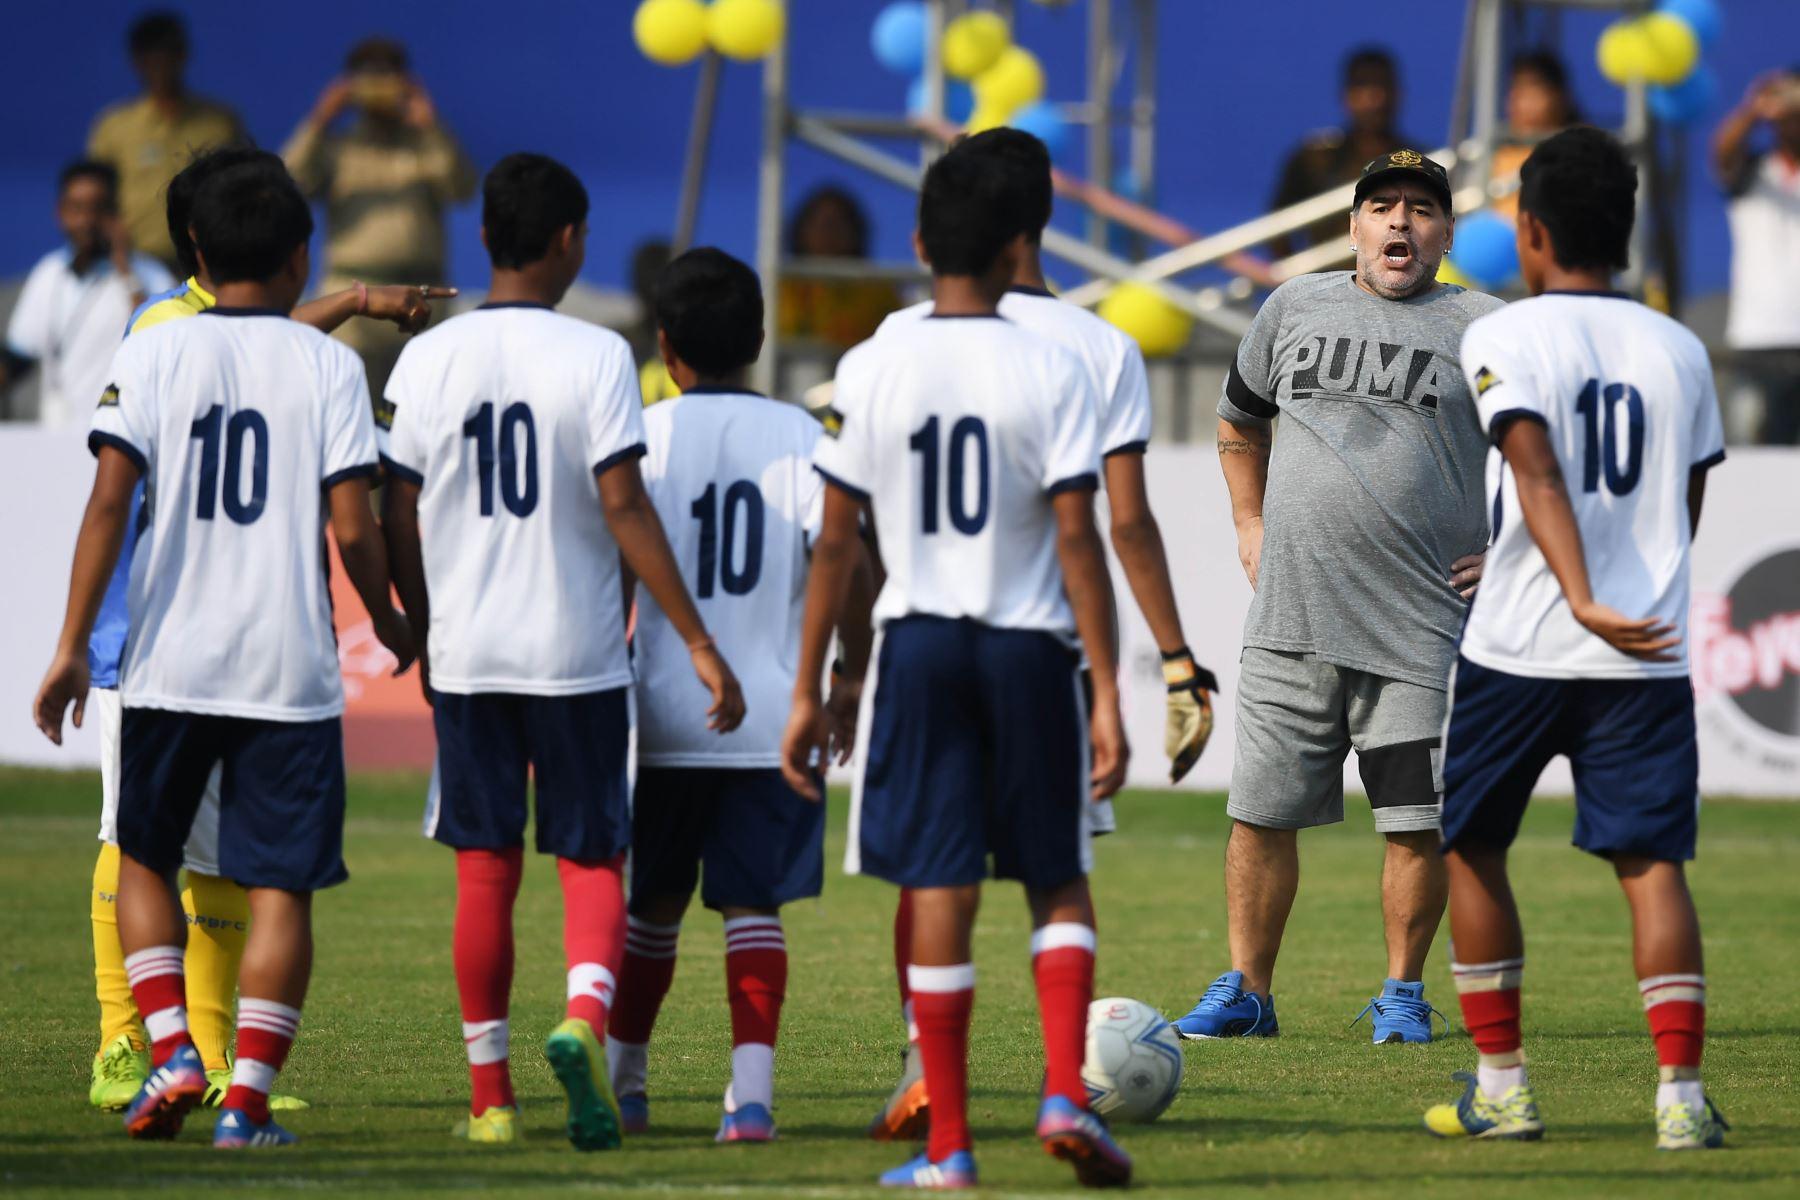 El futbolista argentino Diego Maradona, dirige un entrenamiento a estudiantes en la India. Foto: AFP